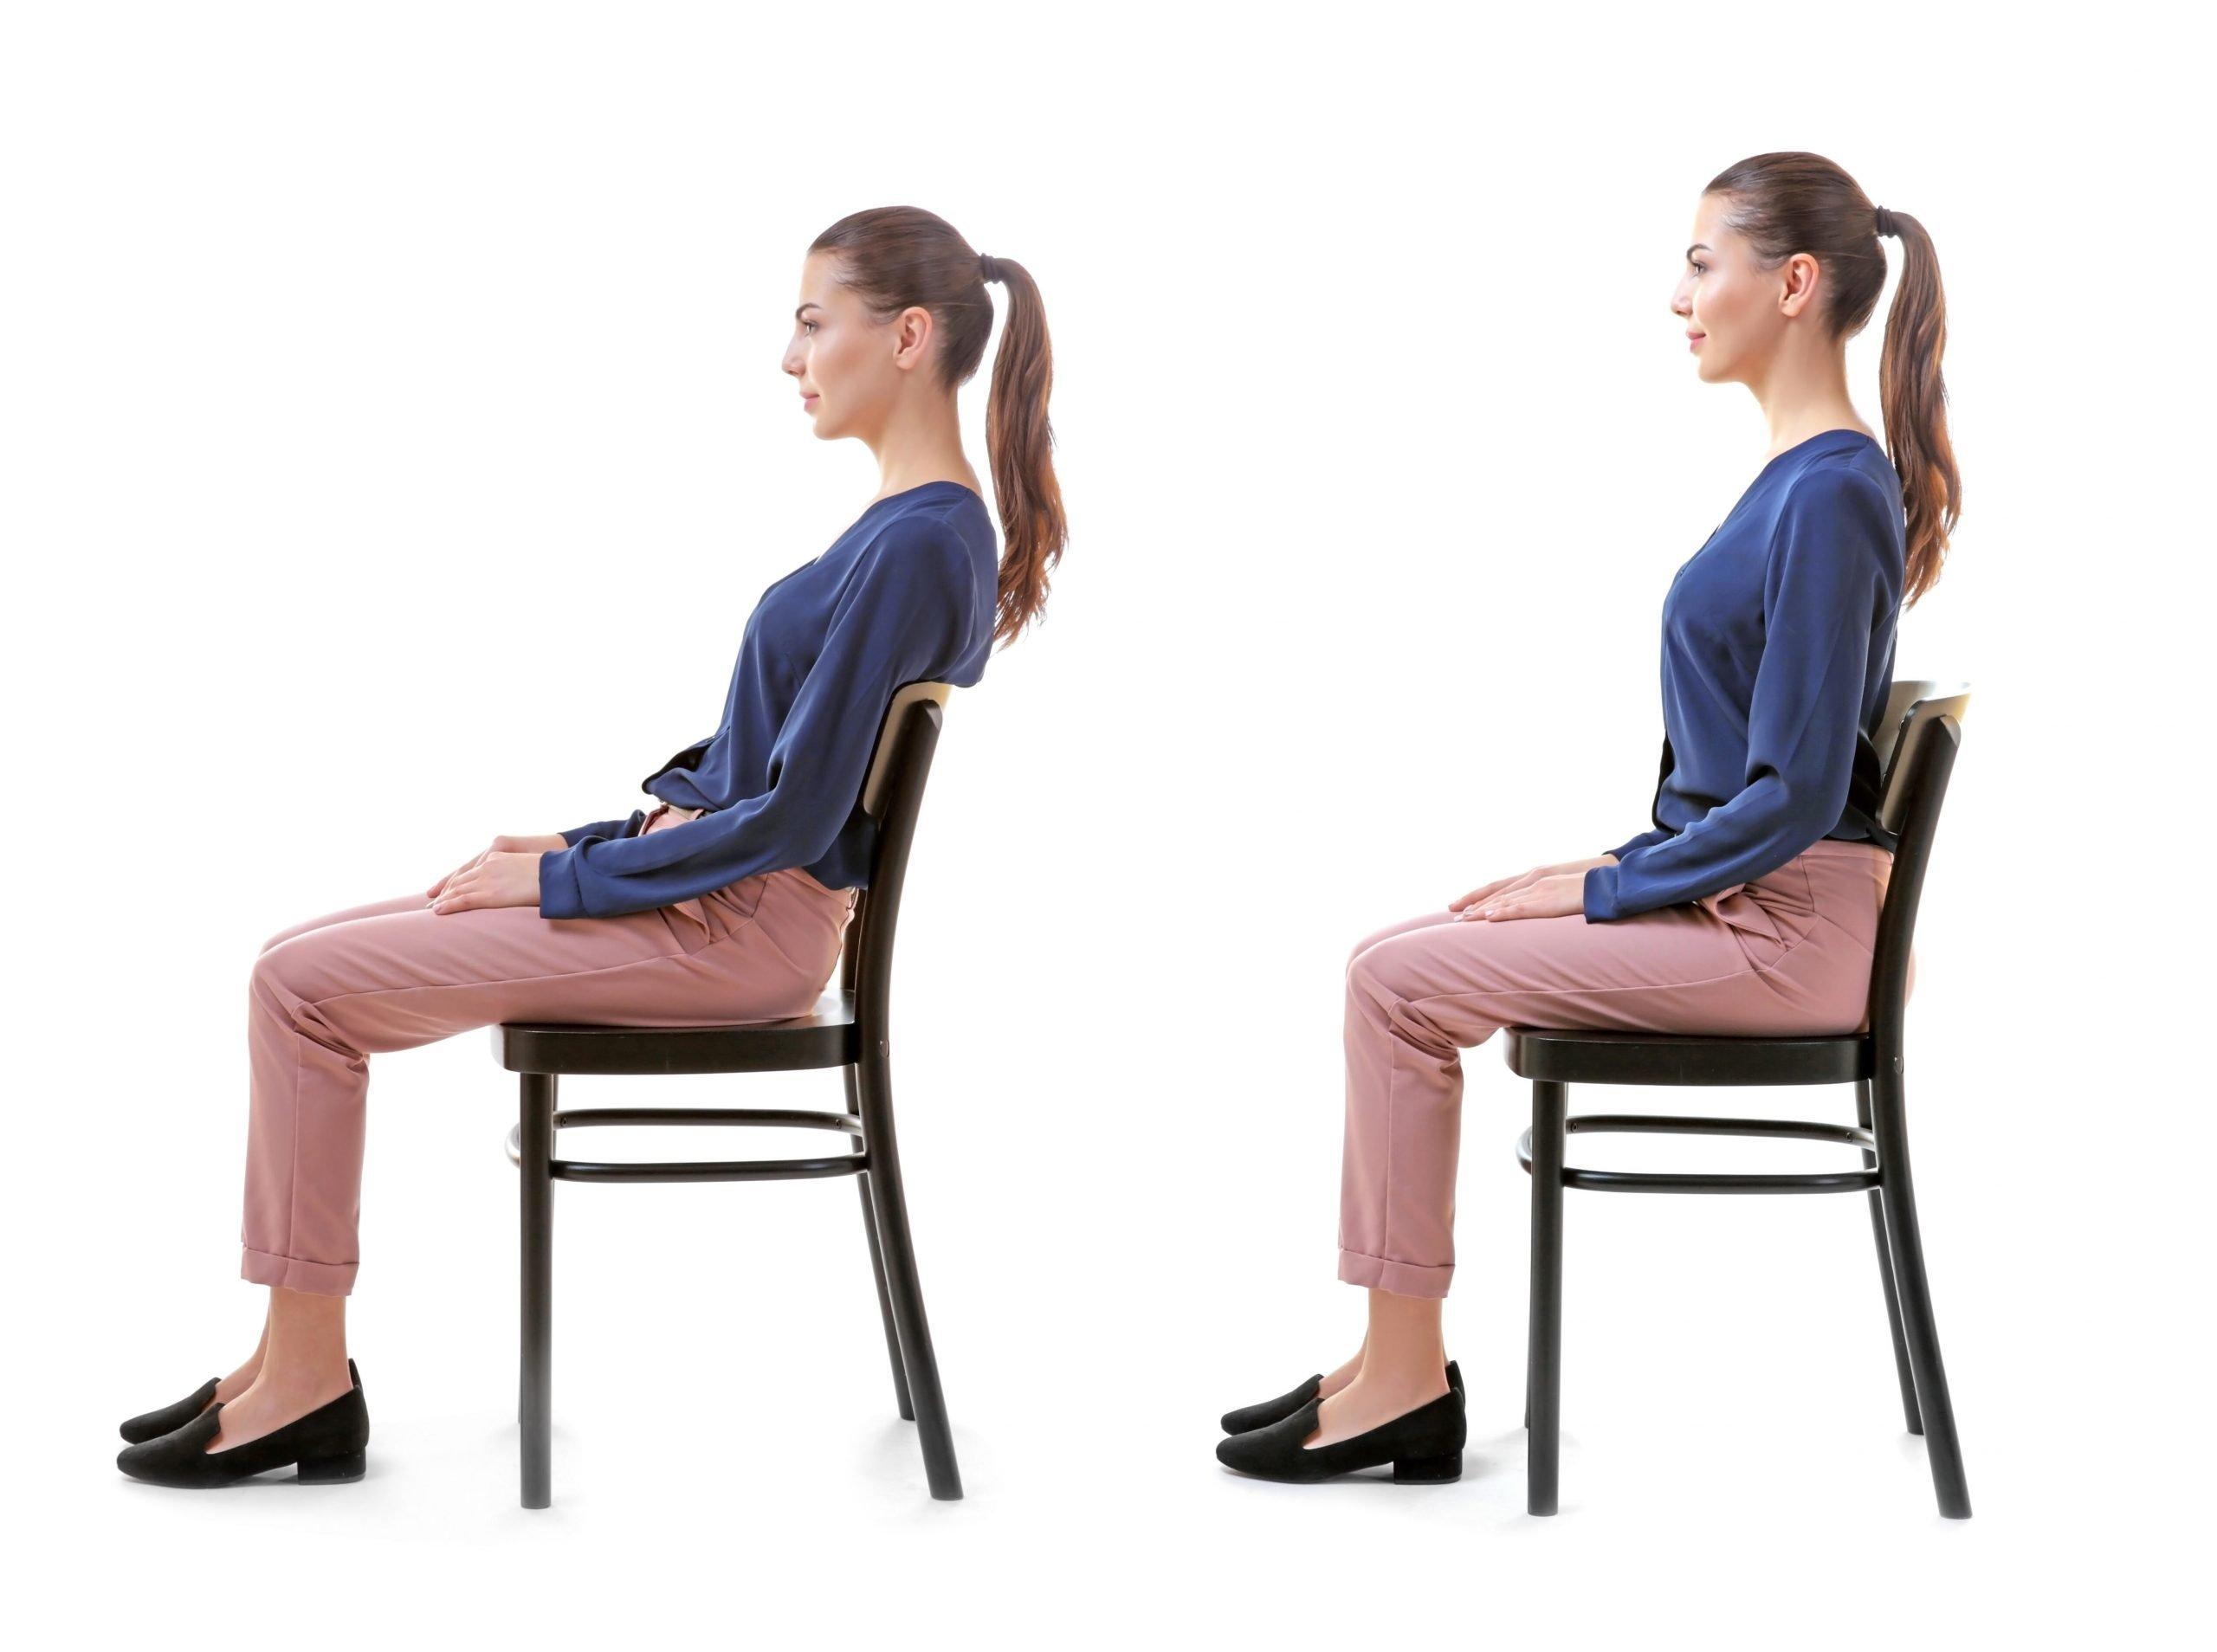 durus-sandalyeye-tam oturmak